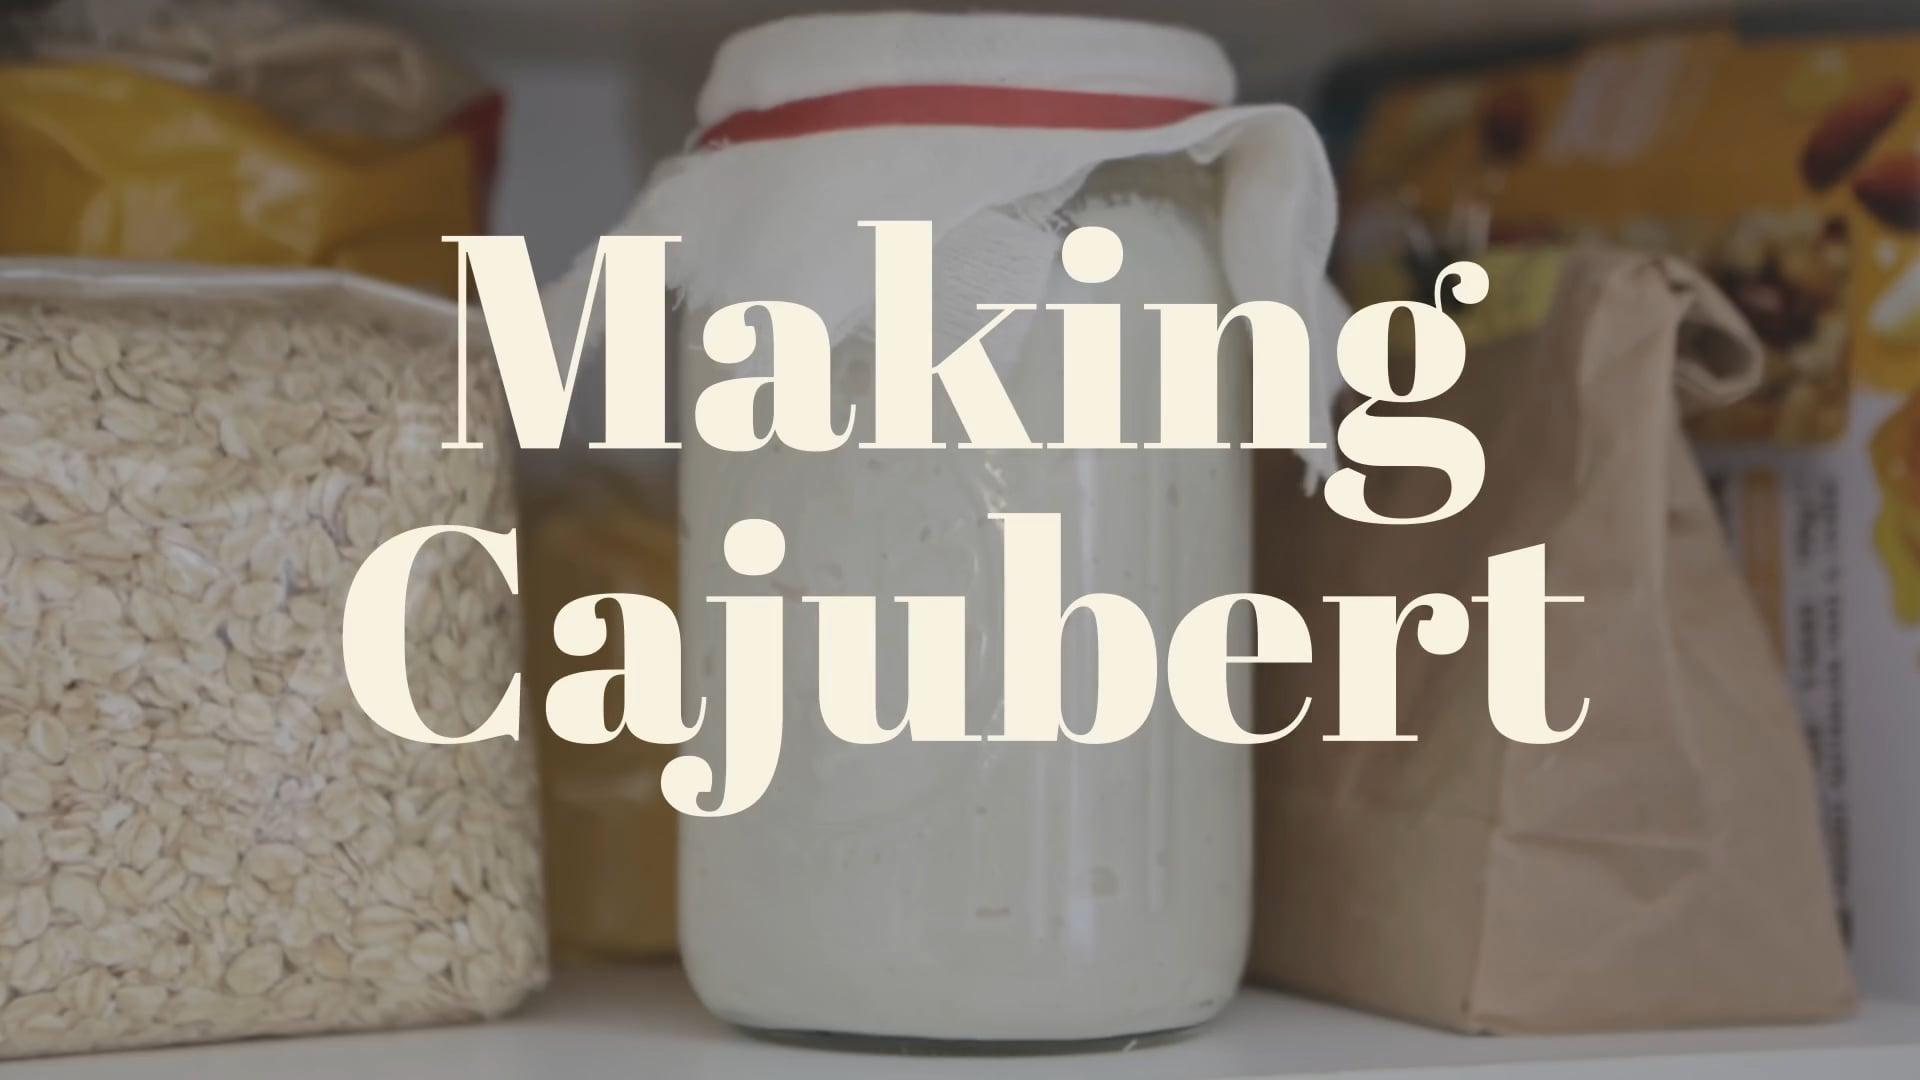 Making Cajubert